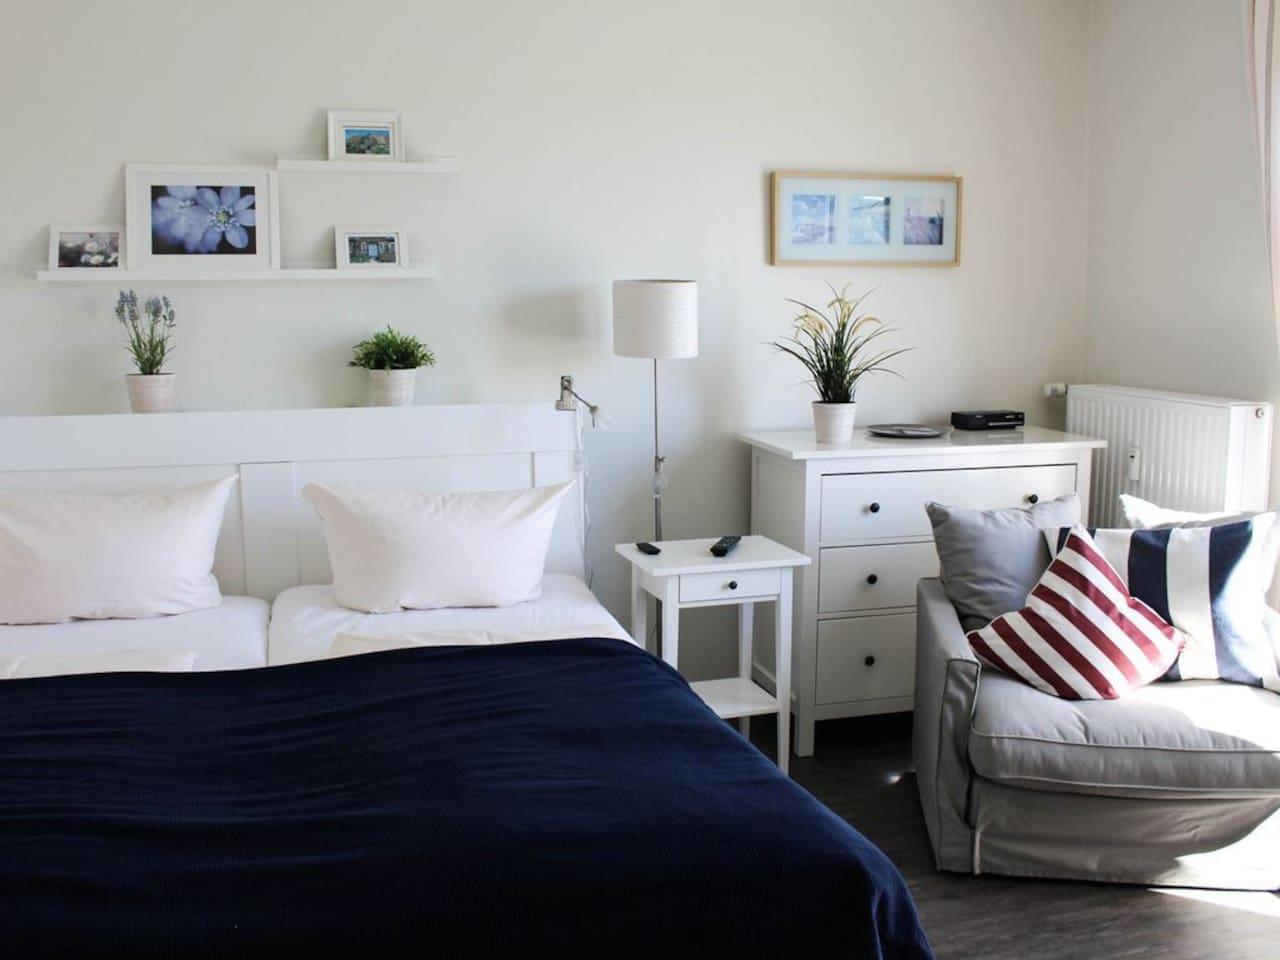 Viel Tageslicht  im Wohn- und Schlafzimmer